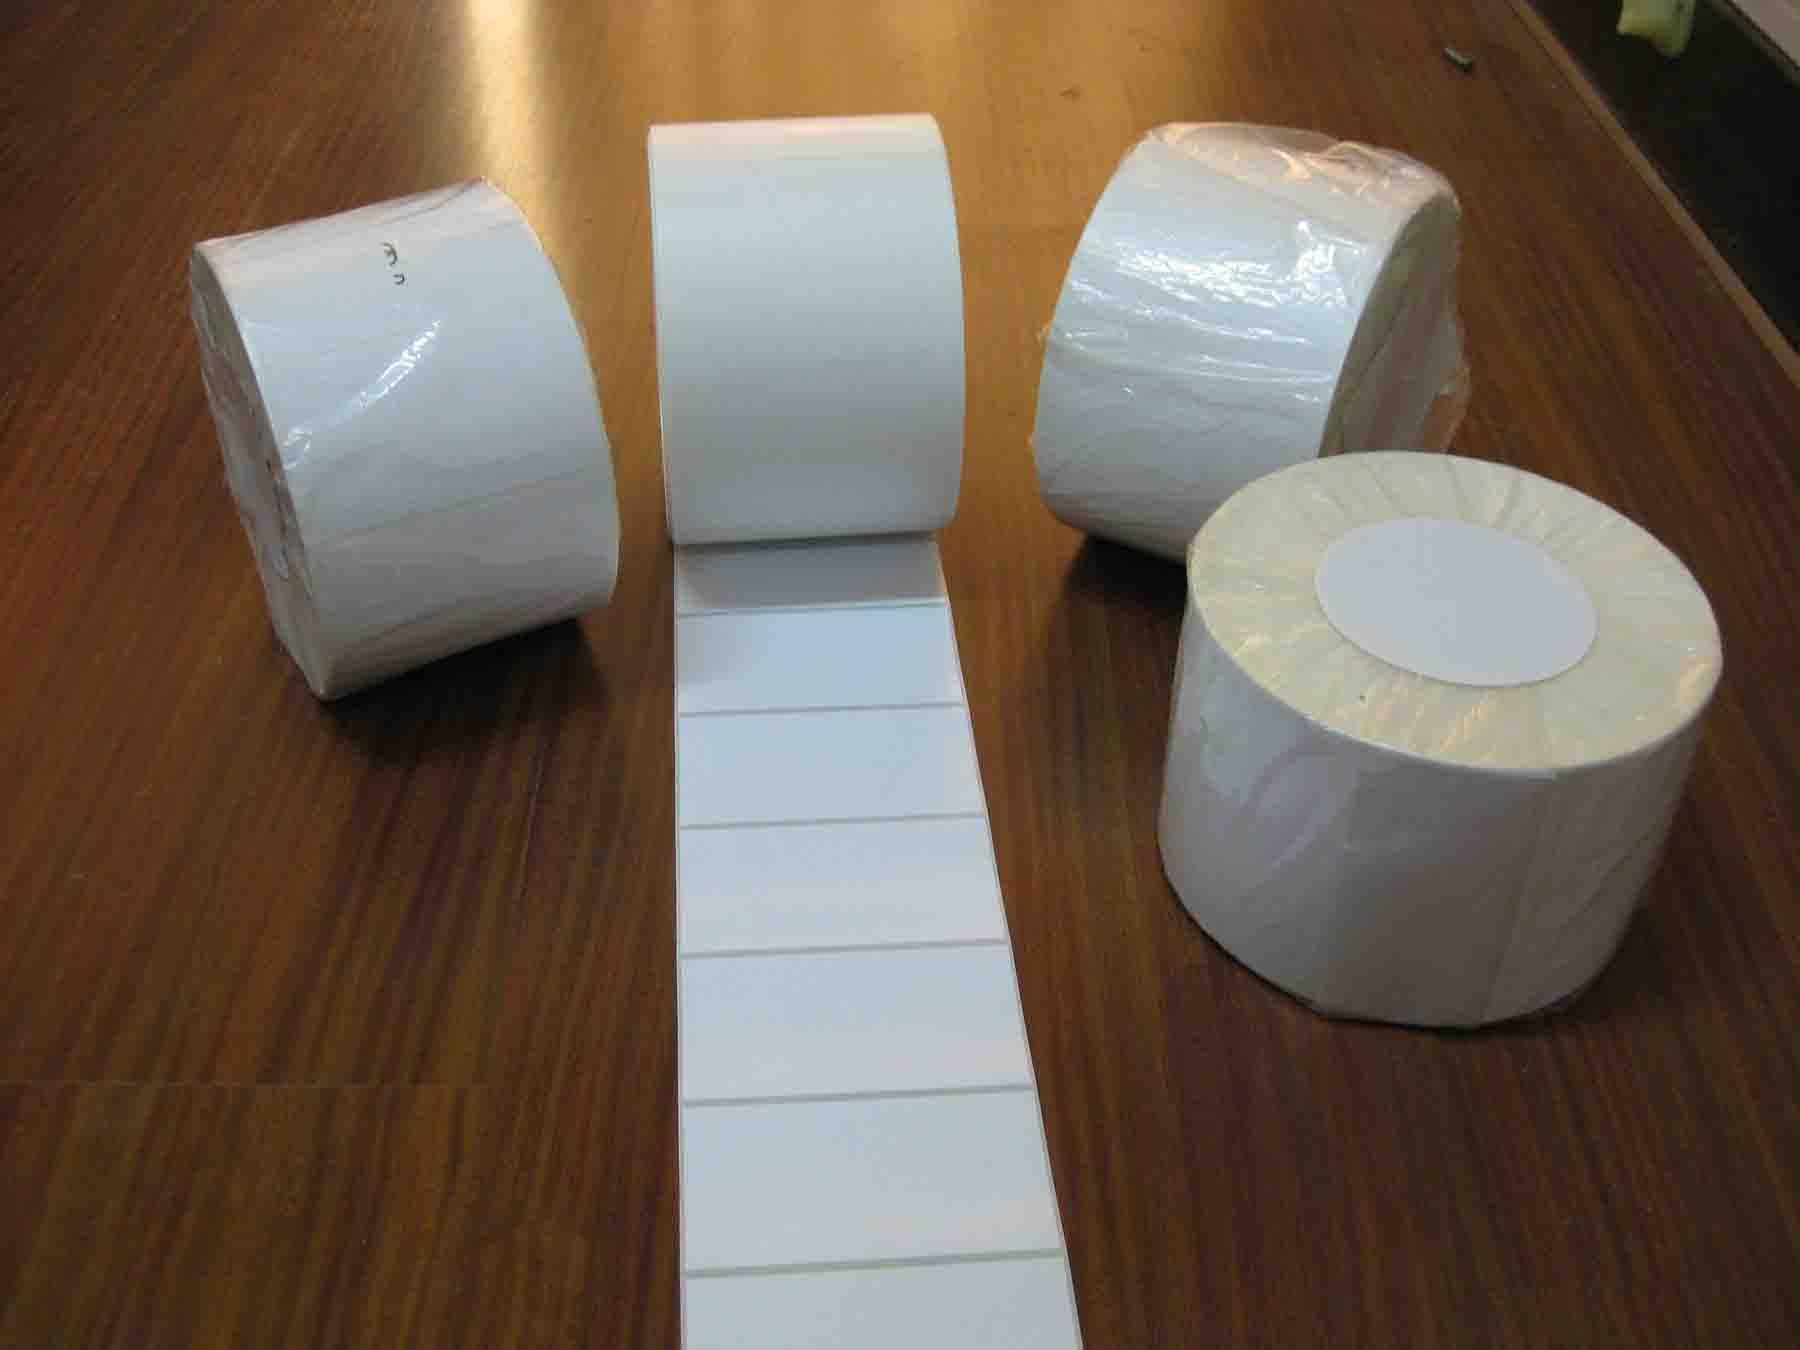 惠城标签制造商_惠城区信誉好的标签厂家_空白标签纸批发